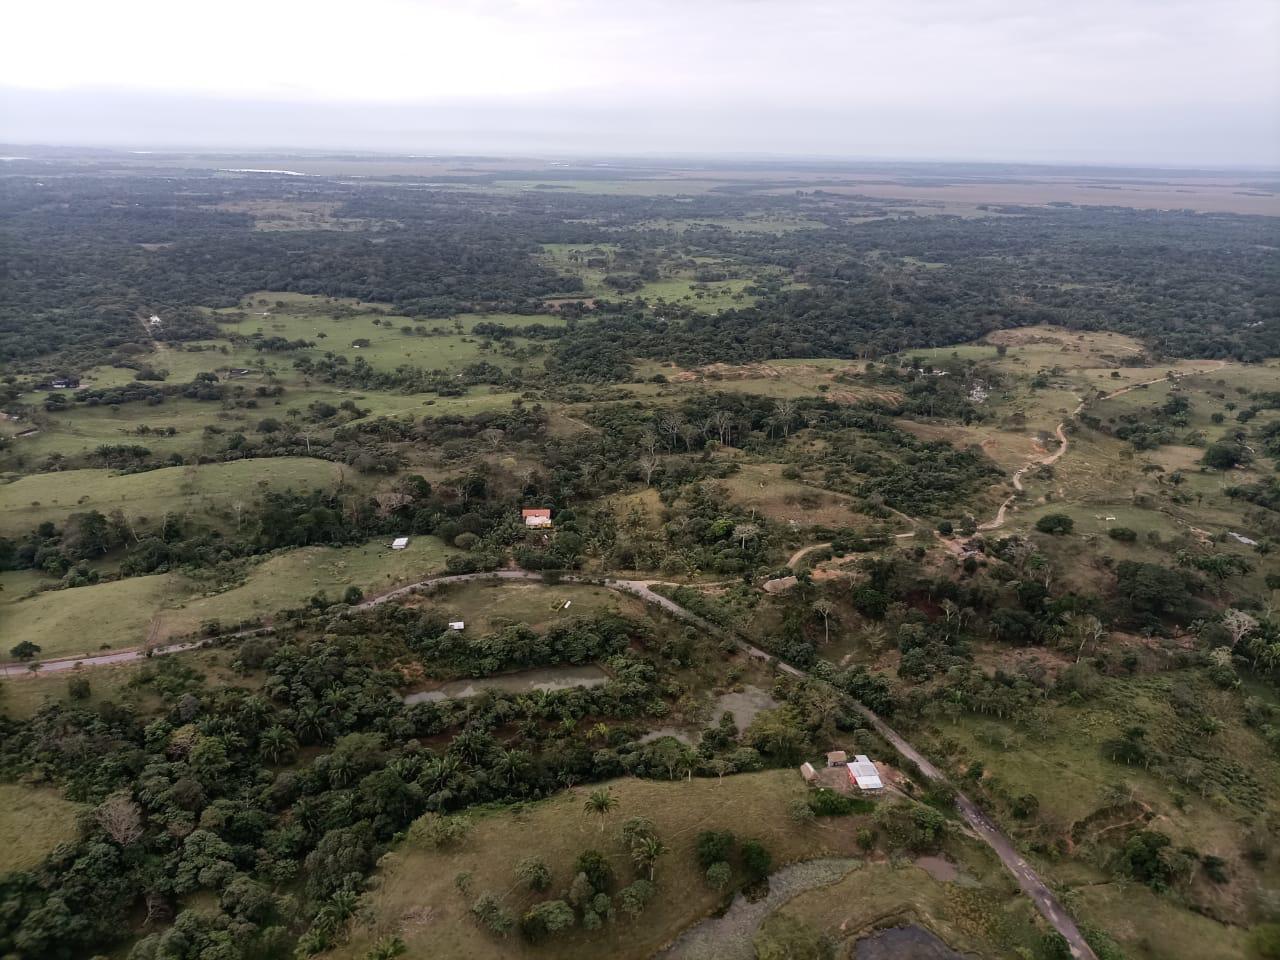 Confirma SSP homicidio de 12 personas en Las Choapas; realiza intenso operativo